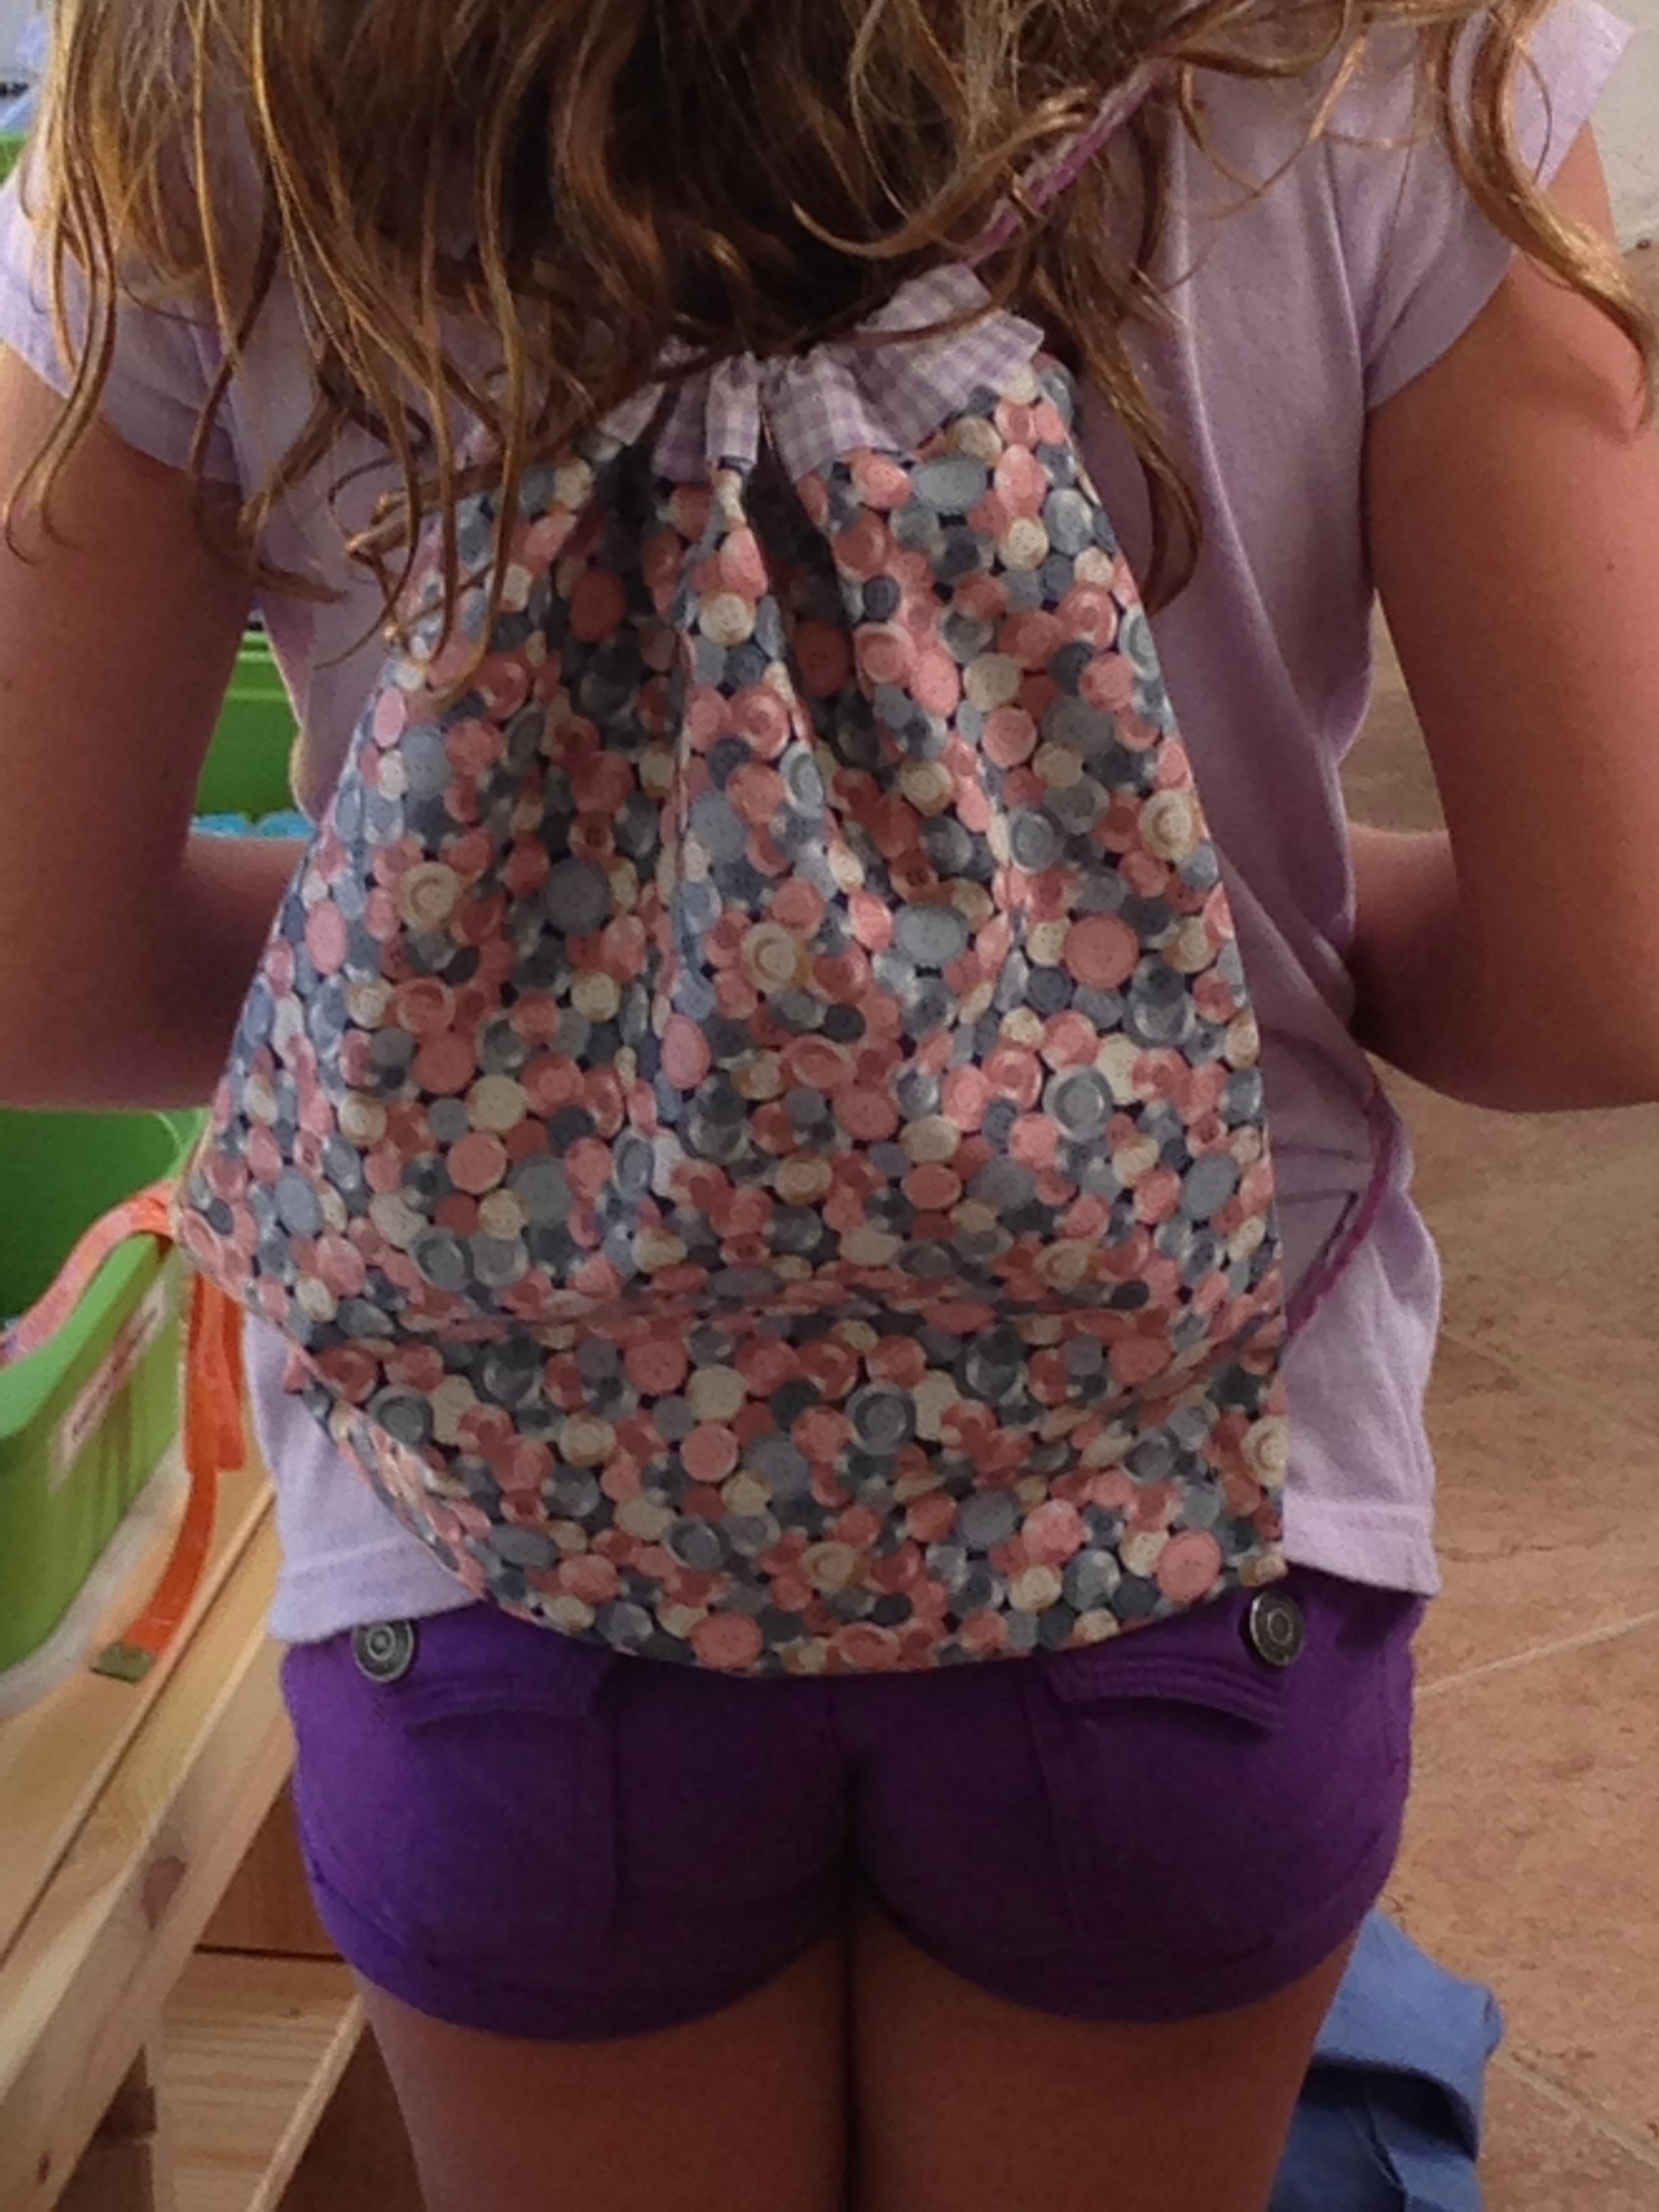 3rd grader back pack.